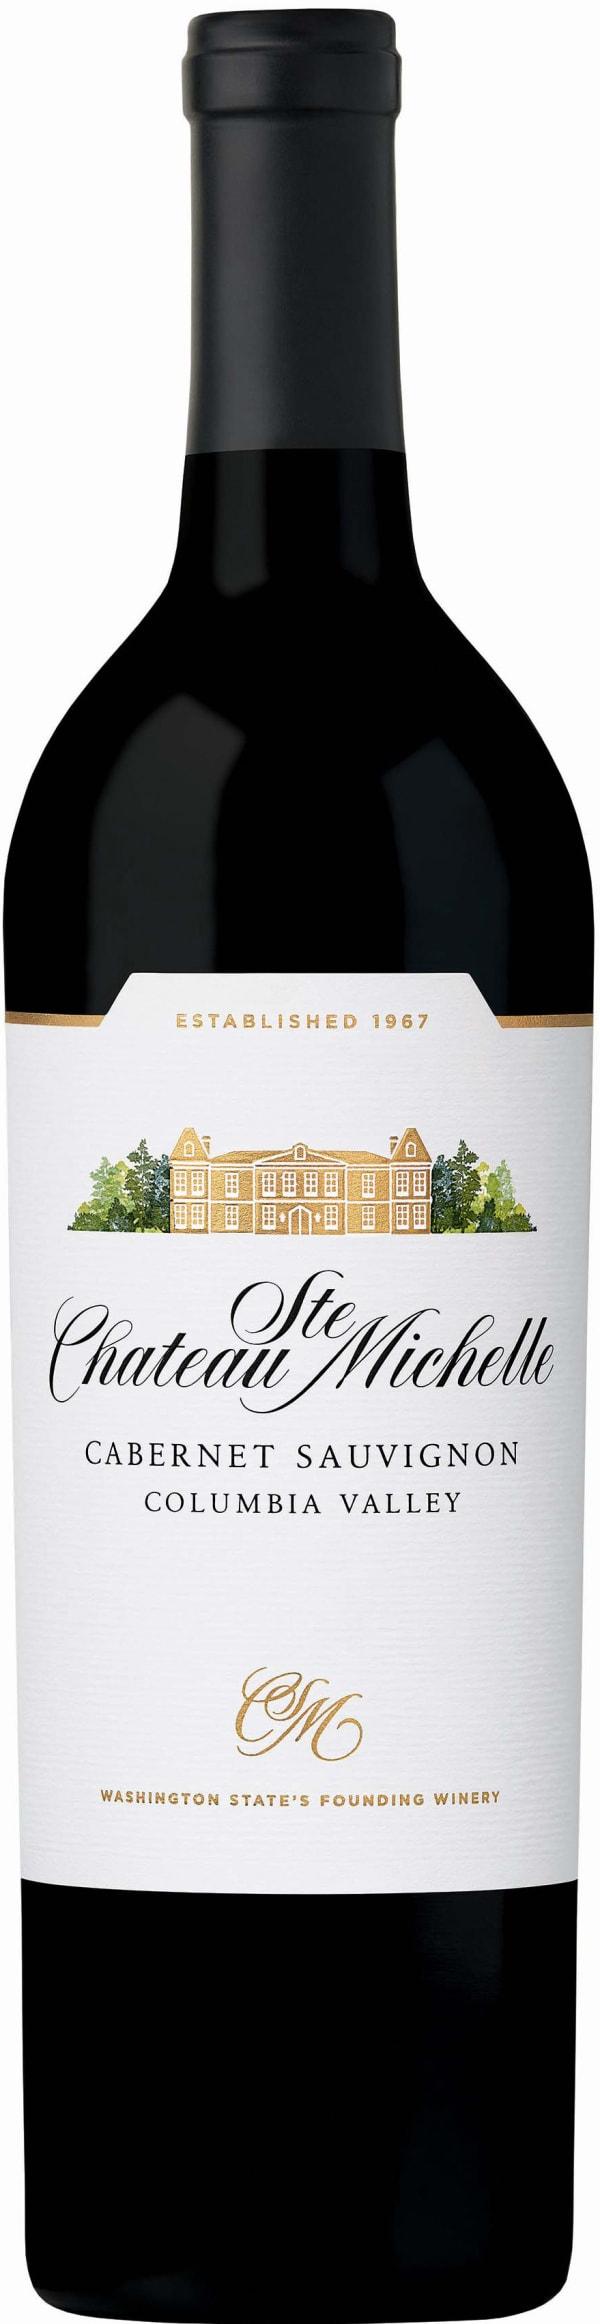 Chateau Ste Michelle Cabernet Sauvignon 50th Anniversary Edition  2016